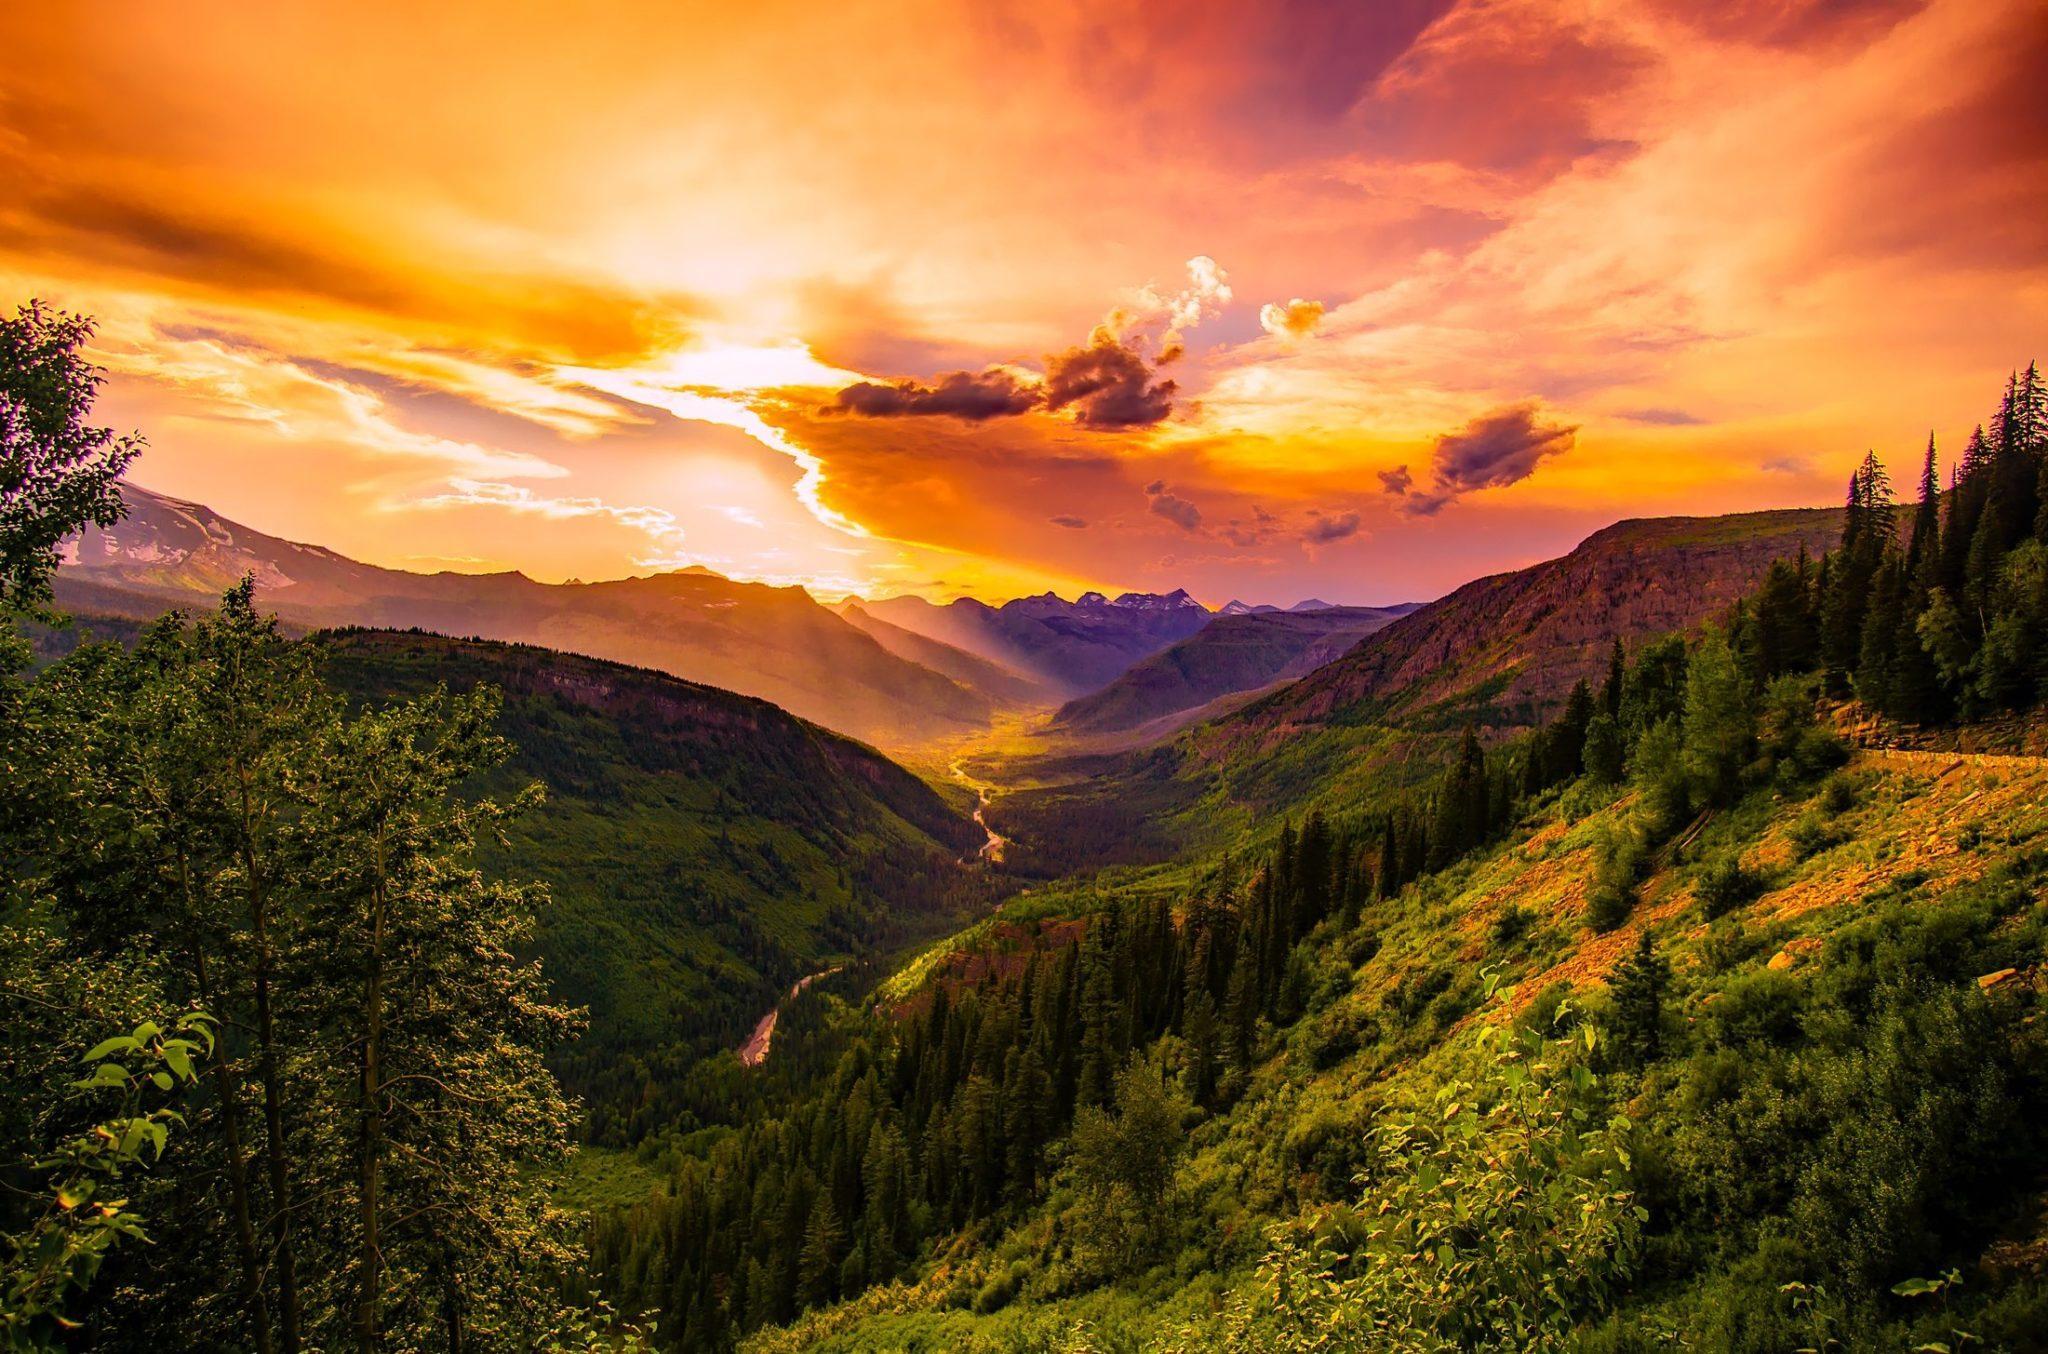 оранжевый закат, конец дня, река, долина, лес, природа, пейзаж, горы, ущелье